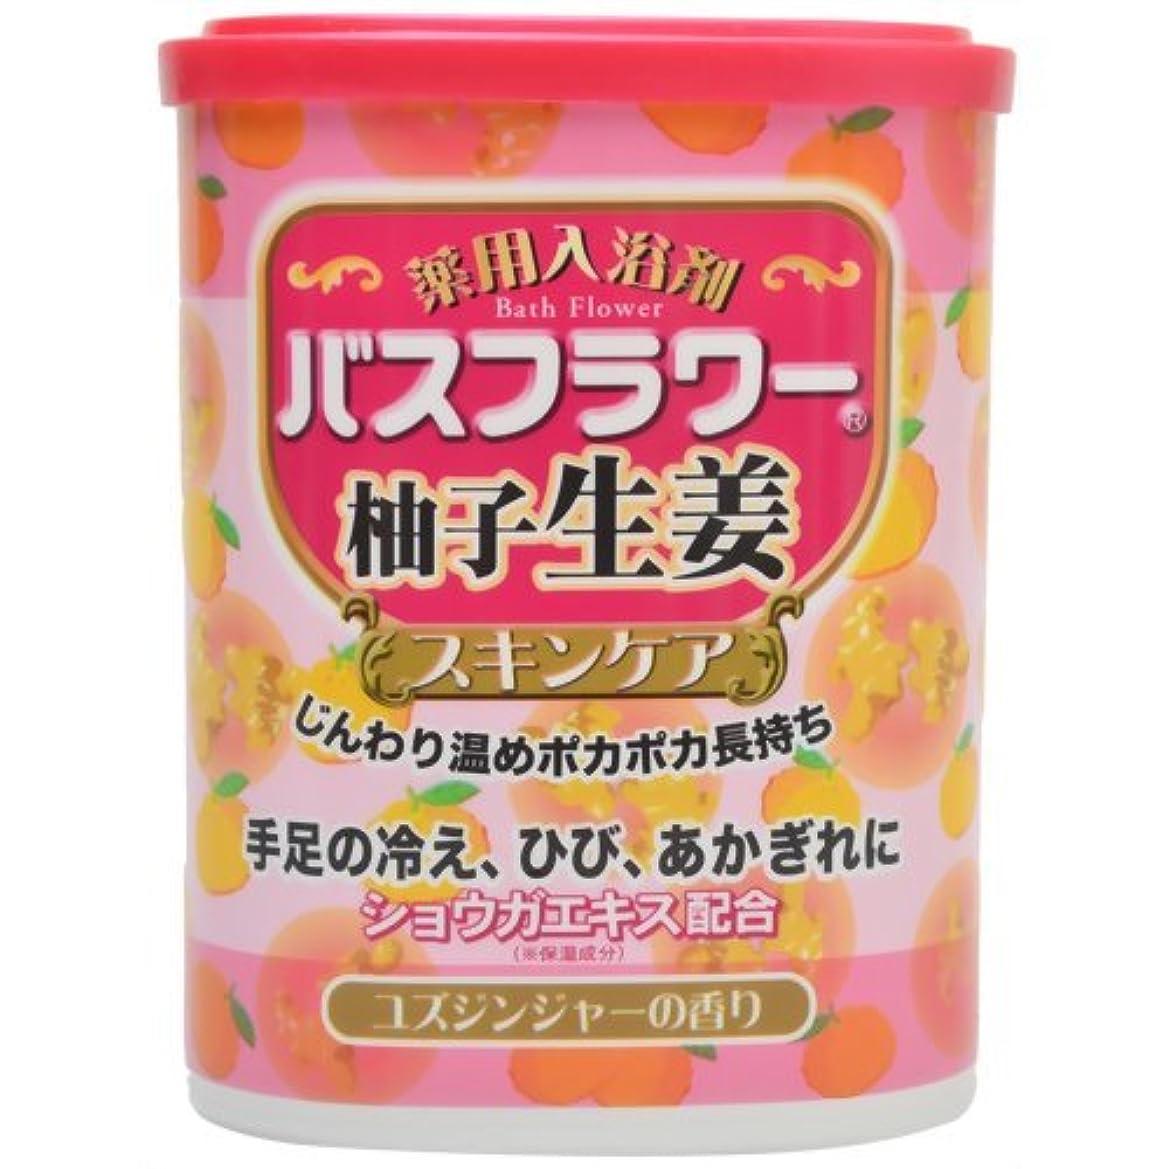 チケット幅コンベンションバスフラワー 薬用入浴剤スキンケア柚子生姜 680g